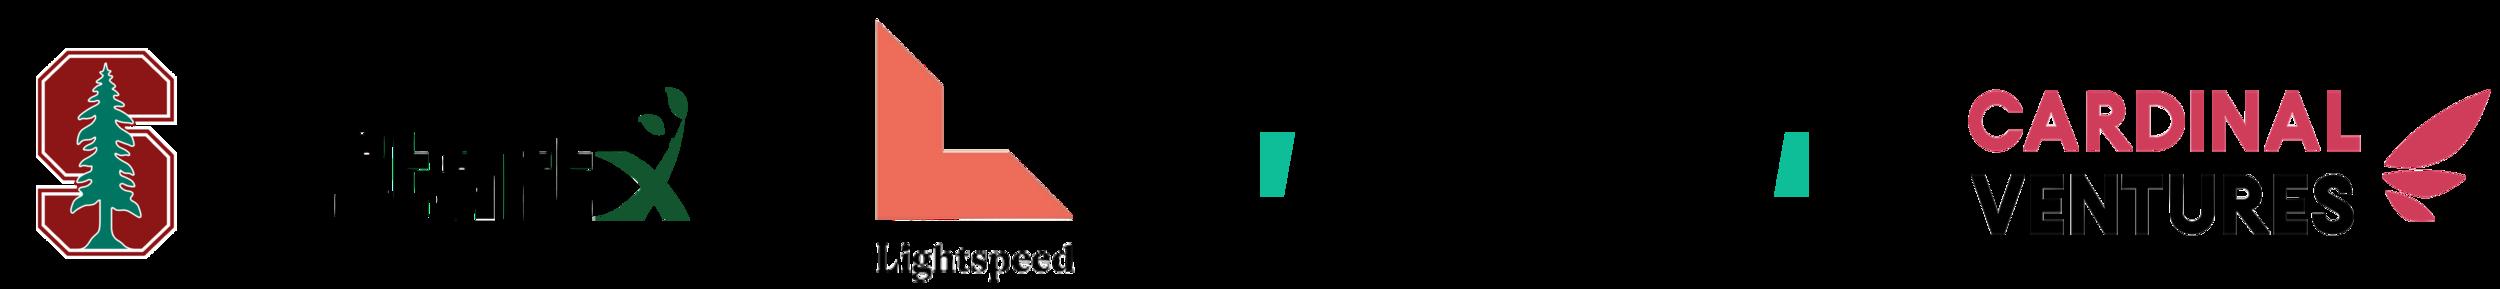 Logos 111.png